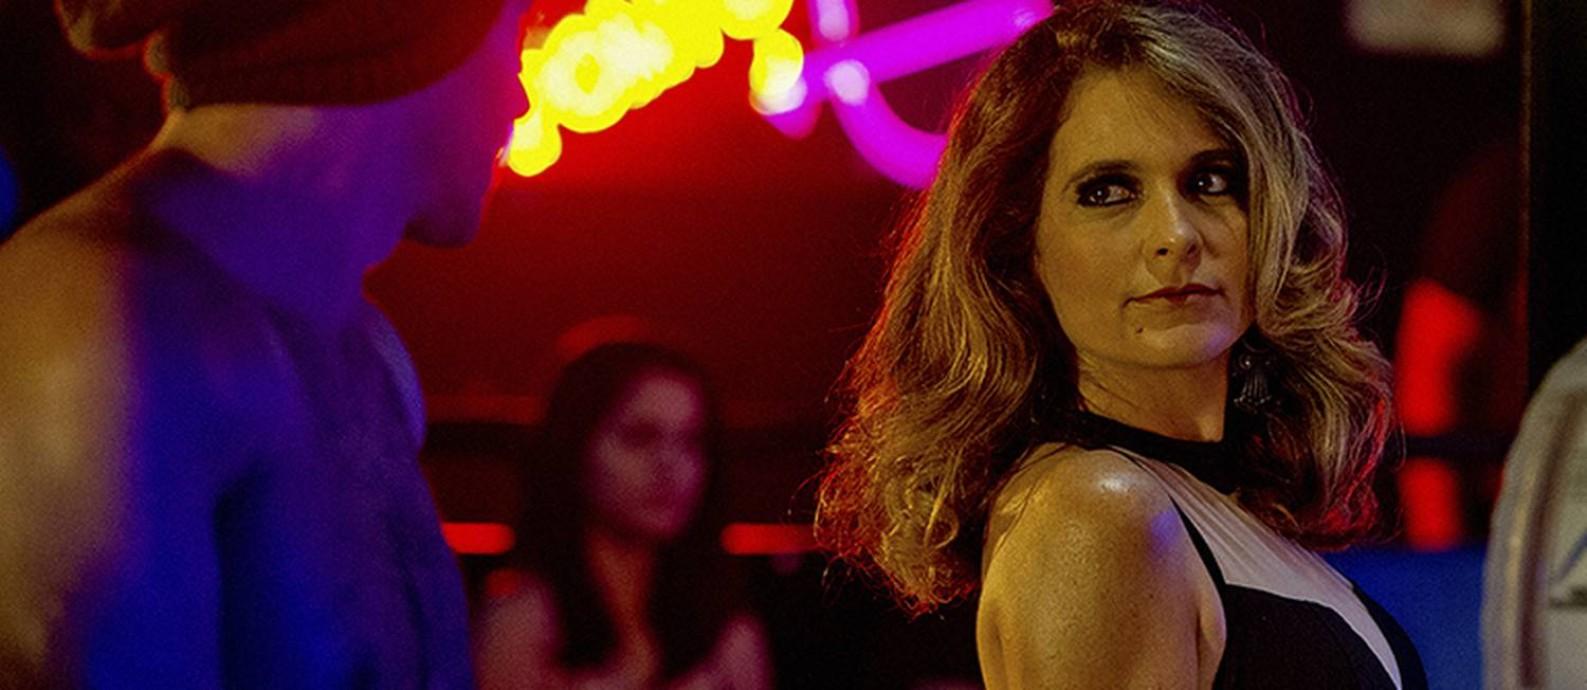 Cena do filme Berenice procura Foto: Divulgação